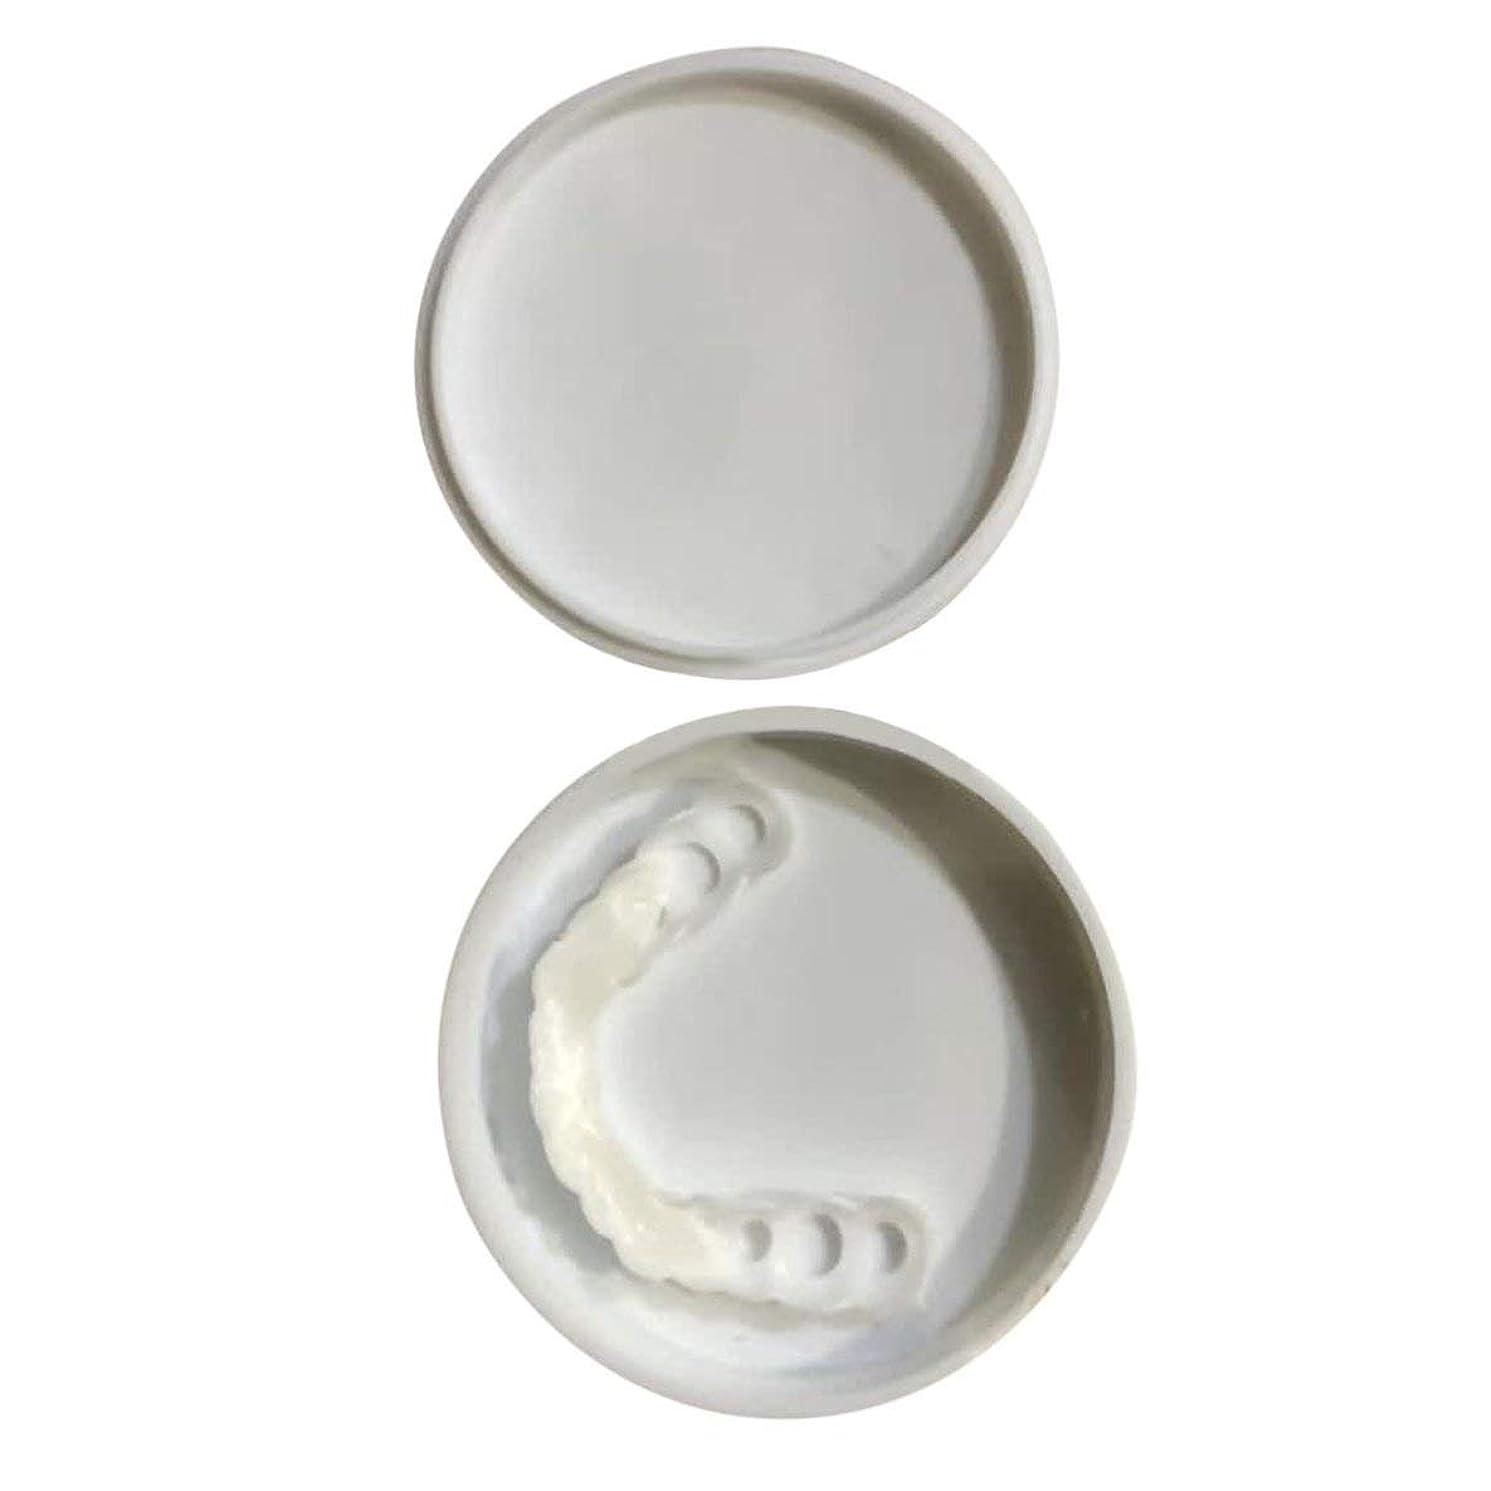 ボウリング先行する頭快適なスナップオン男性女性歯インスタントパーフェクトスマイルコンフォートフィットフレックス歯フィットホワイトニング笑顔偽歯カバー - ホワイト